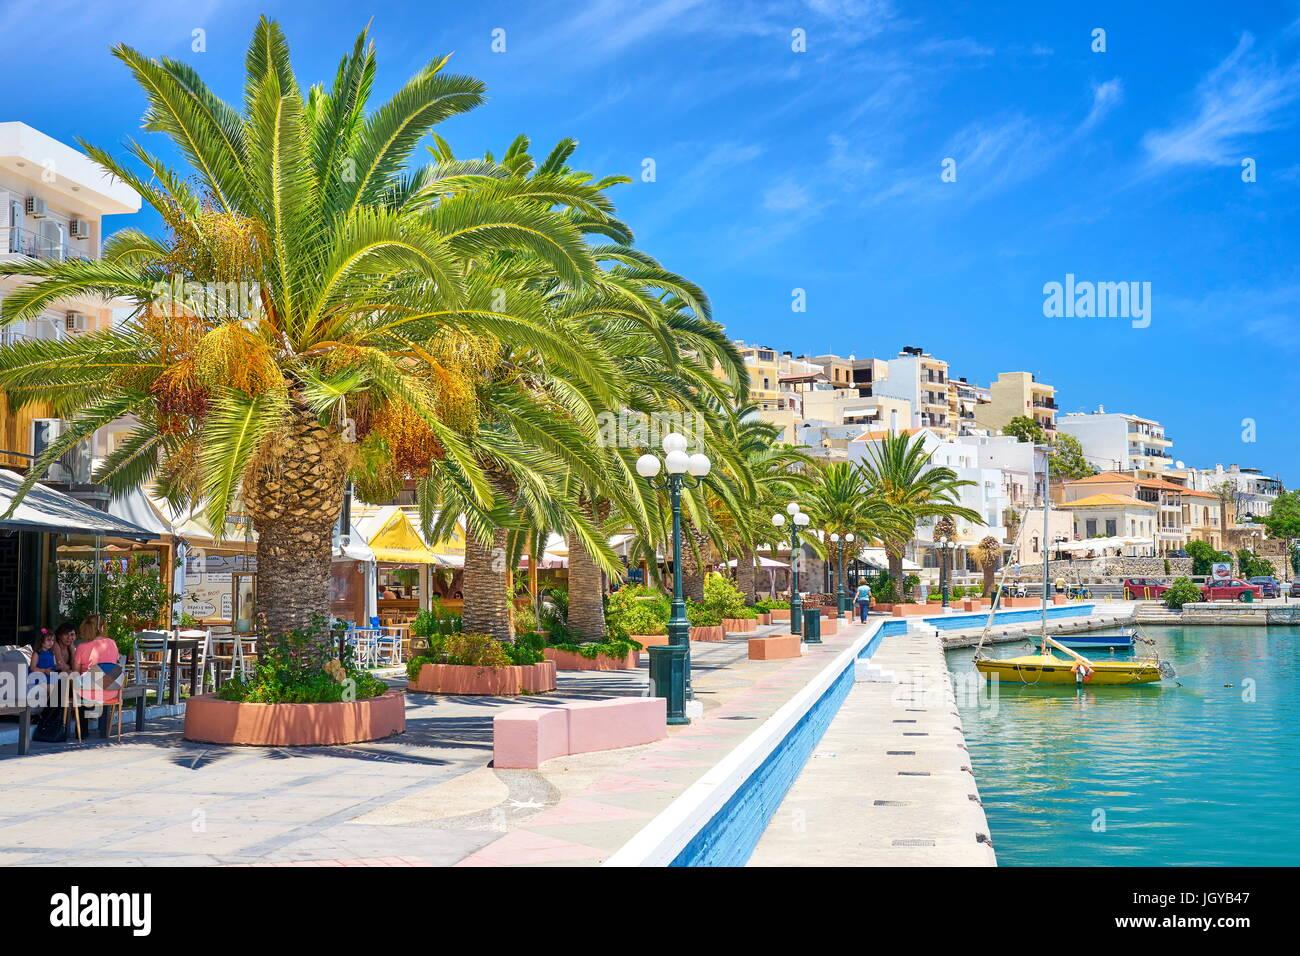 Promenade à Sitia, Crète, Grèce Photo Stock